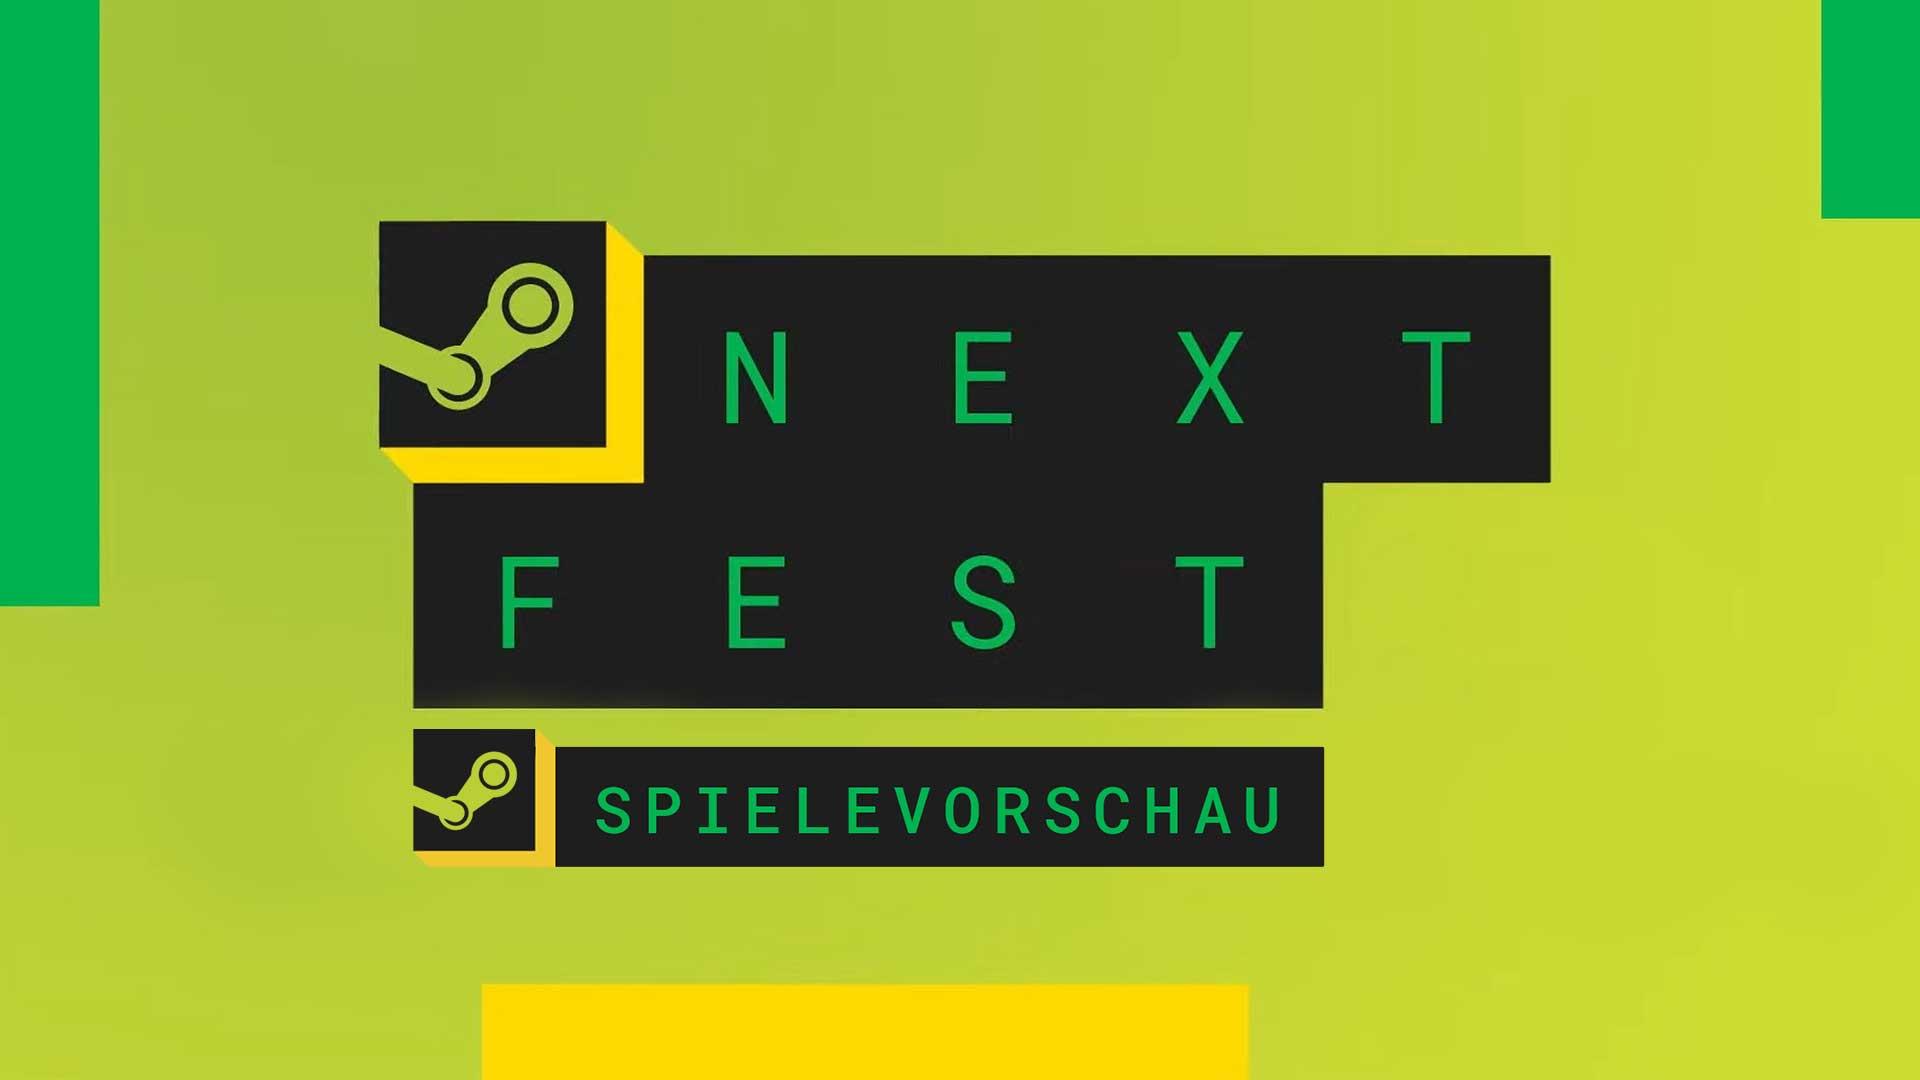 steam next fest spielevorschau